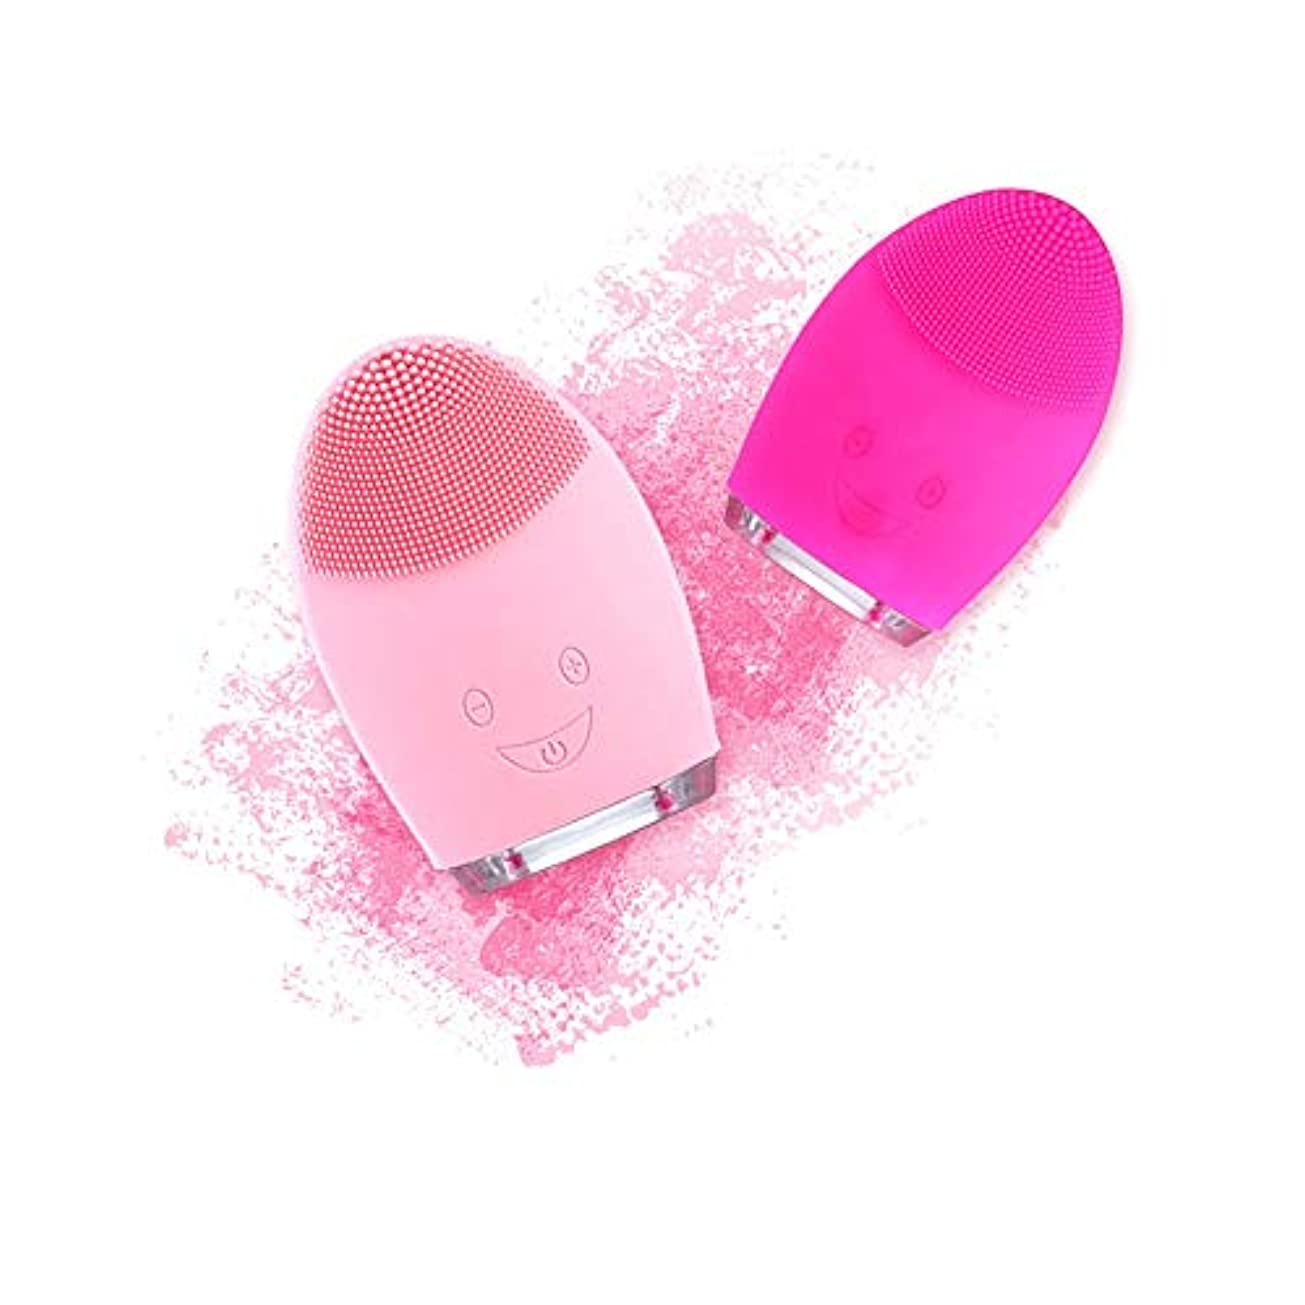 入札コレクション脱臼するZXF USB充電式シリコンクレンジング楽器超音波洗顔毛穴きれいな防水美容器ピンク赤 滑らかである (色 : Red)